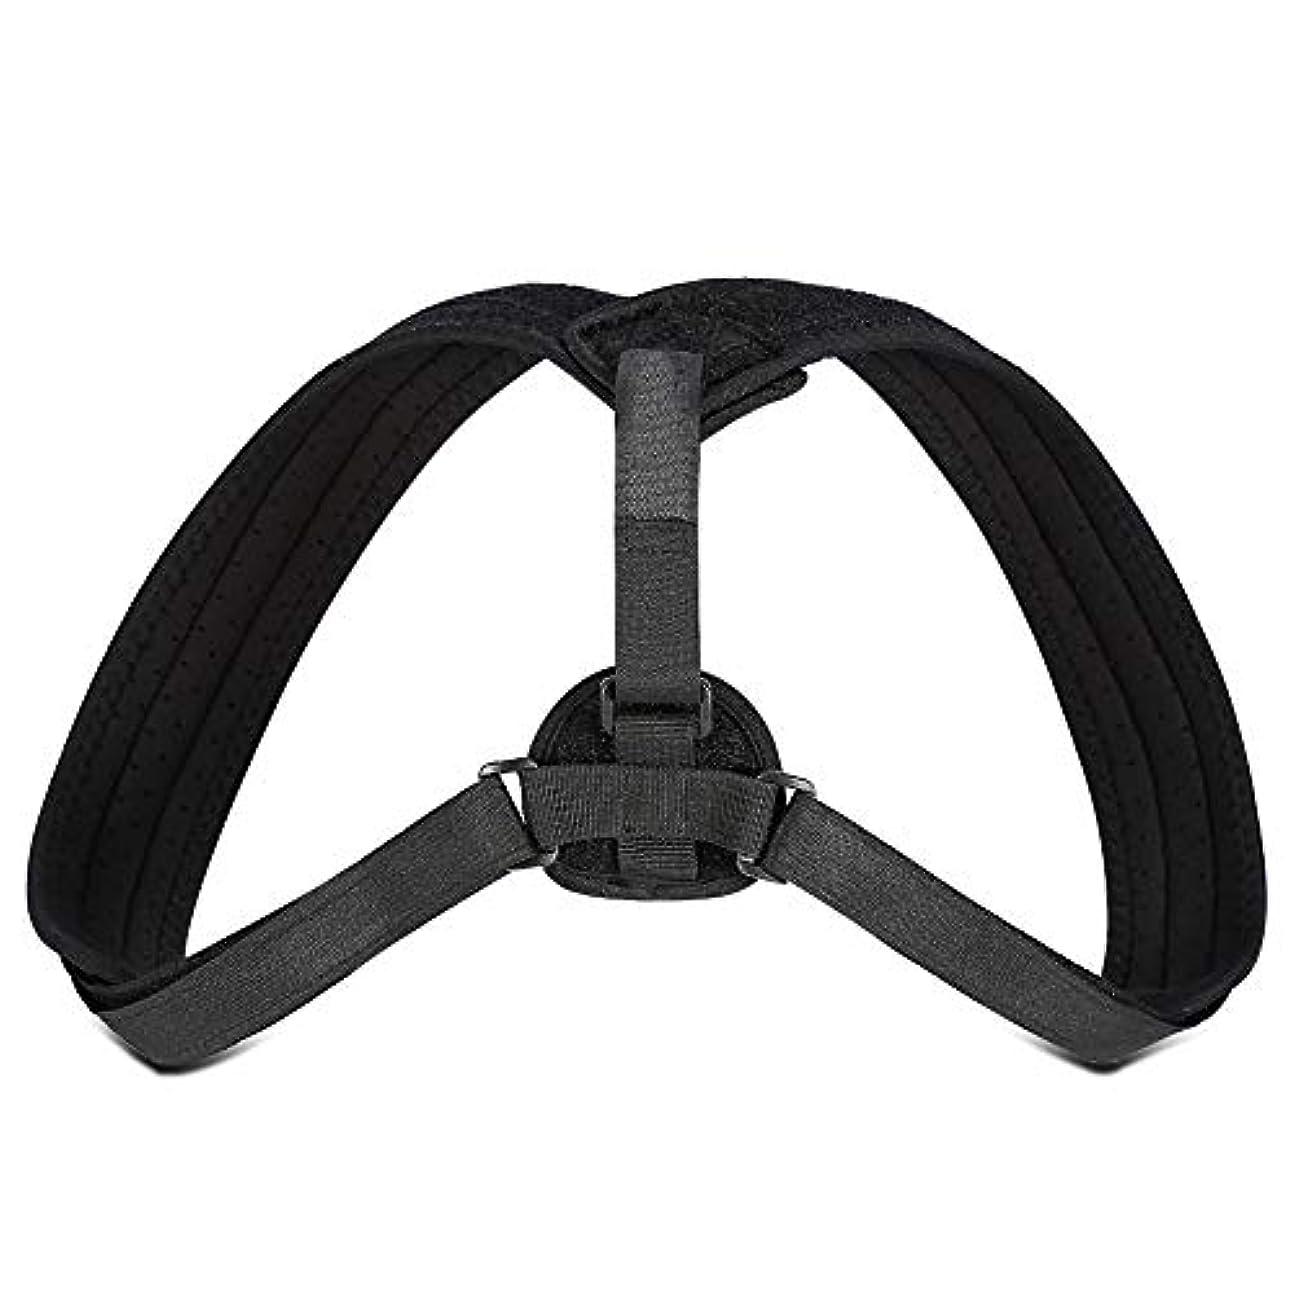 ペンダント財産制約Yosoo Posture Corrector - ブレースアッパーバックネックショルダーサポートアジャスタブルストラップ、肩の体位補正、整形外科用こぶの緩和のための包帯矯正、ティーン用